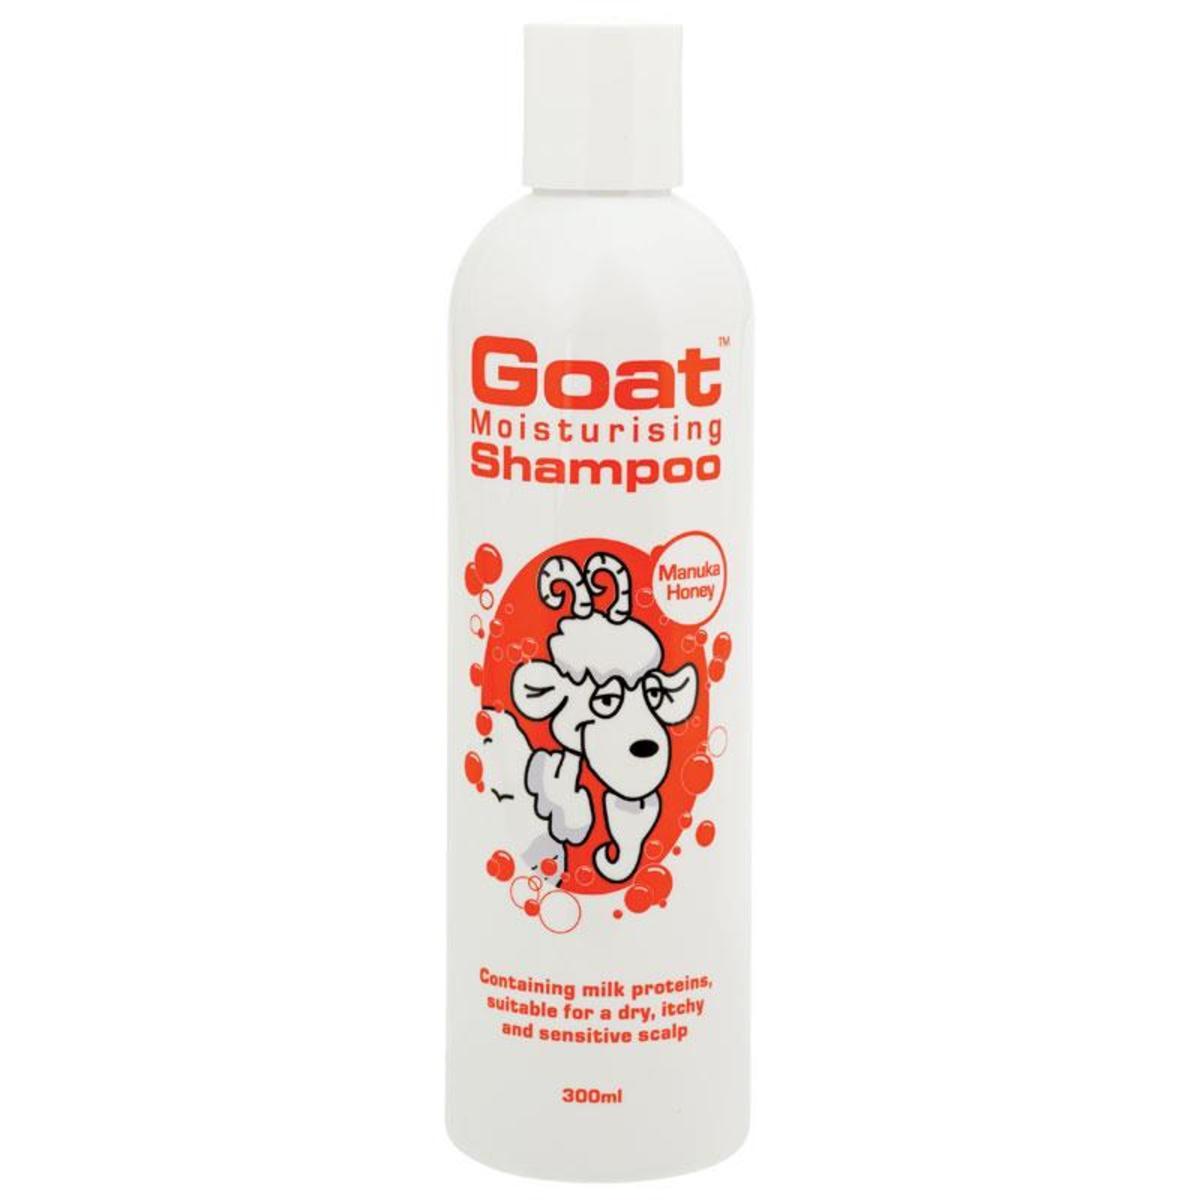 Goat Shampoo with Manuka Honey 300ml (Parallel Import)